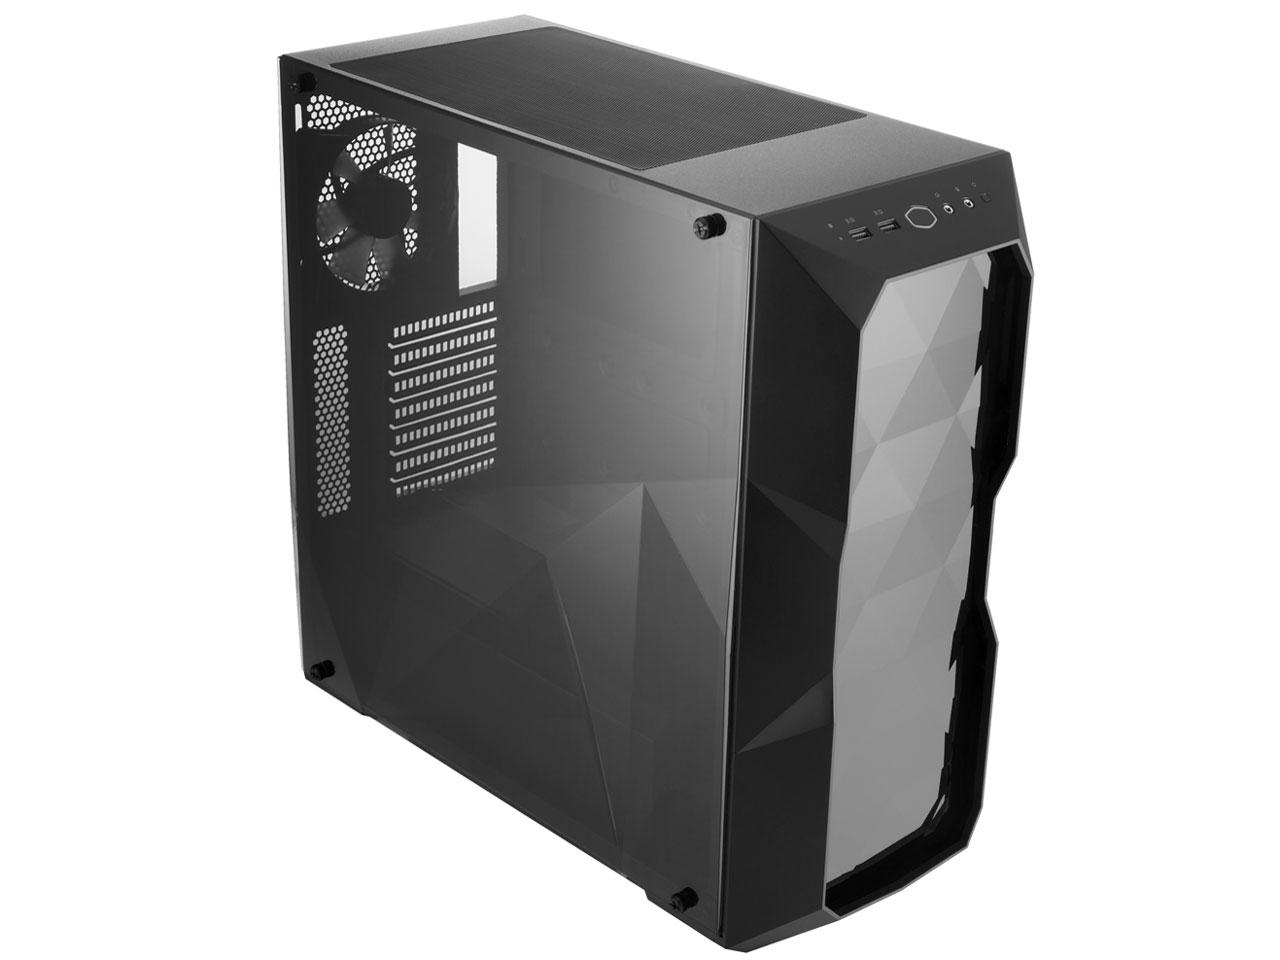 『本体 斜め2』 MasterBox TD500L MCB-D500L-KANN-S00 の製品画像